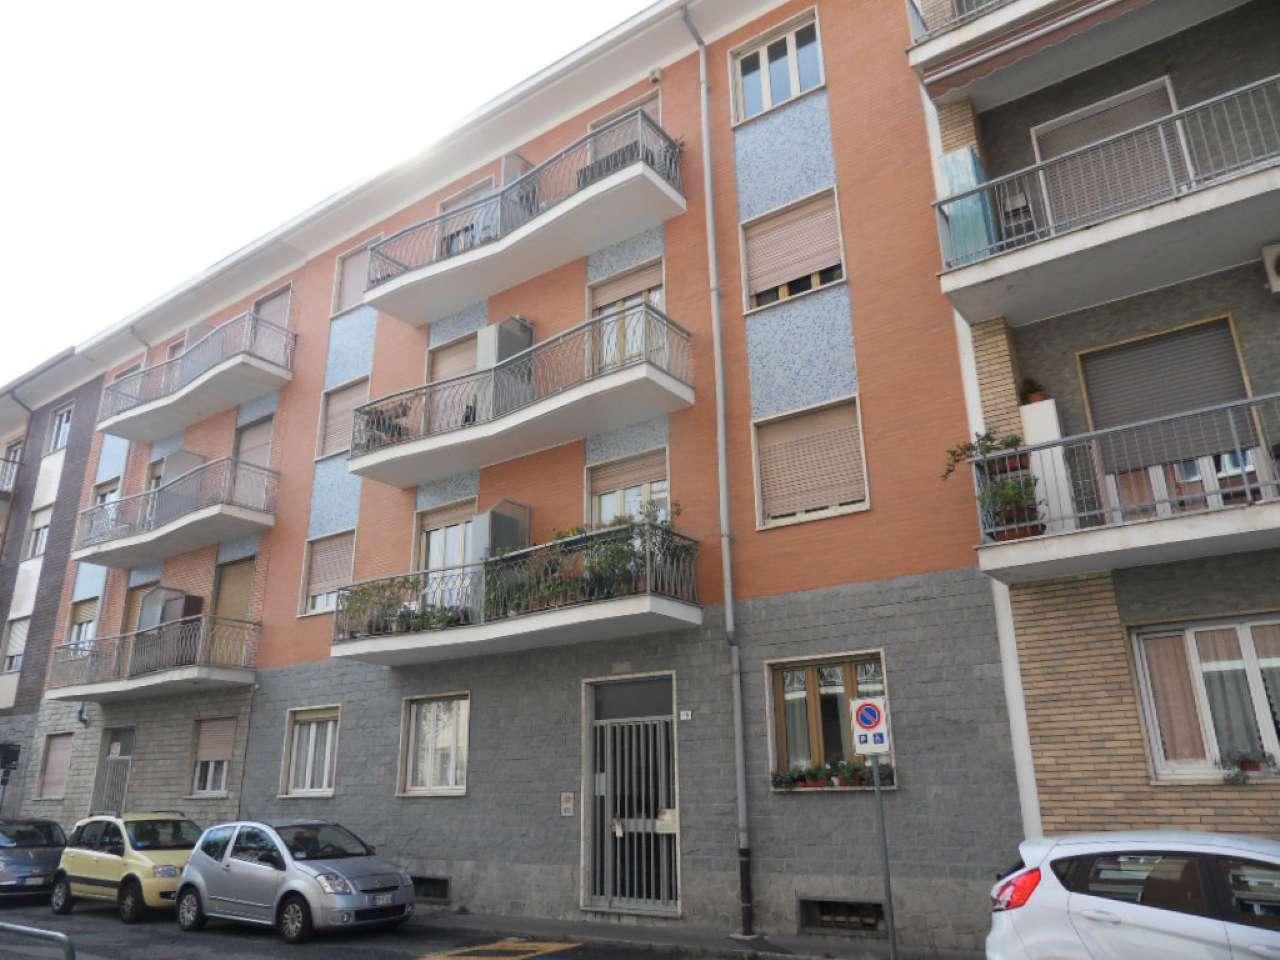 Appartamento in vendita a Alpignano, 3 locali, prezzo € 129.000 | CambioCasa.it